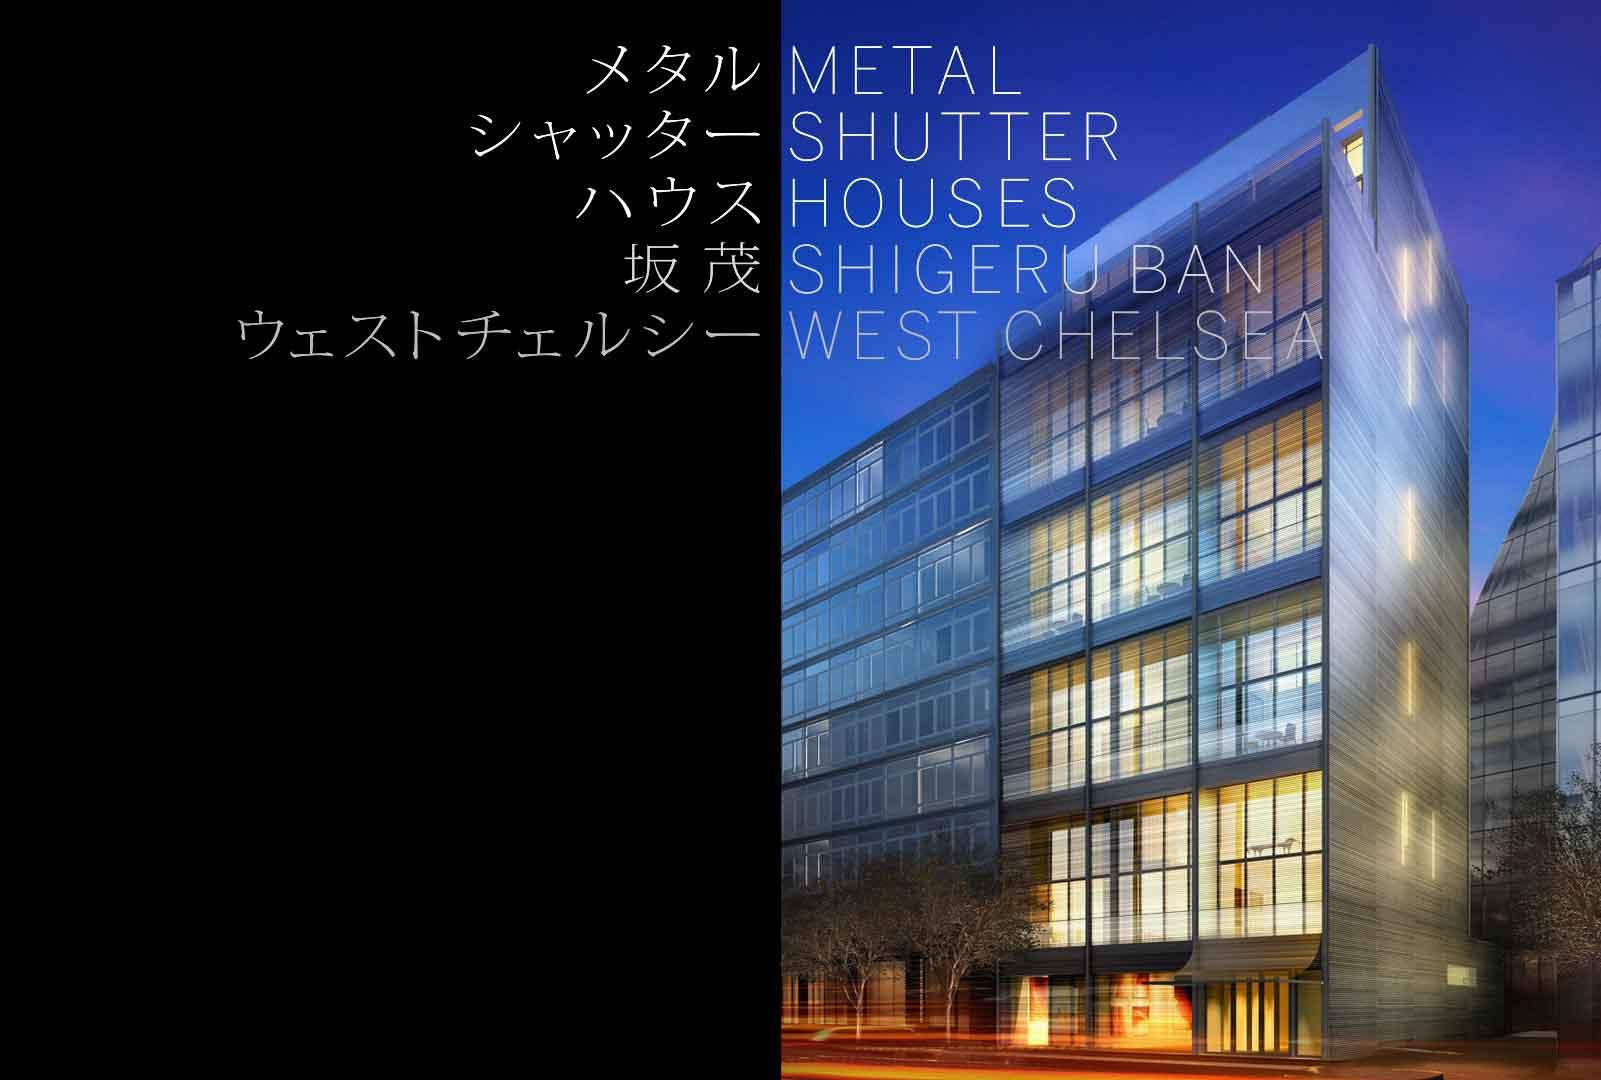 Metal Shutter Houses